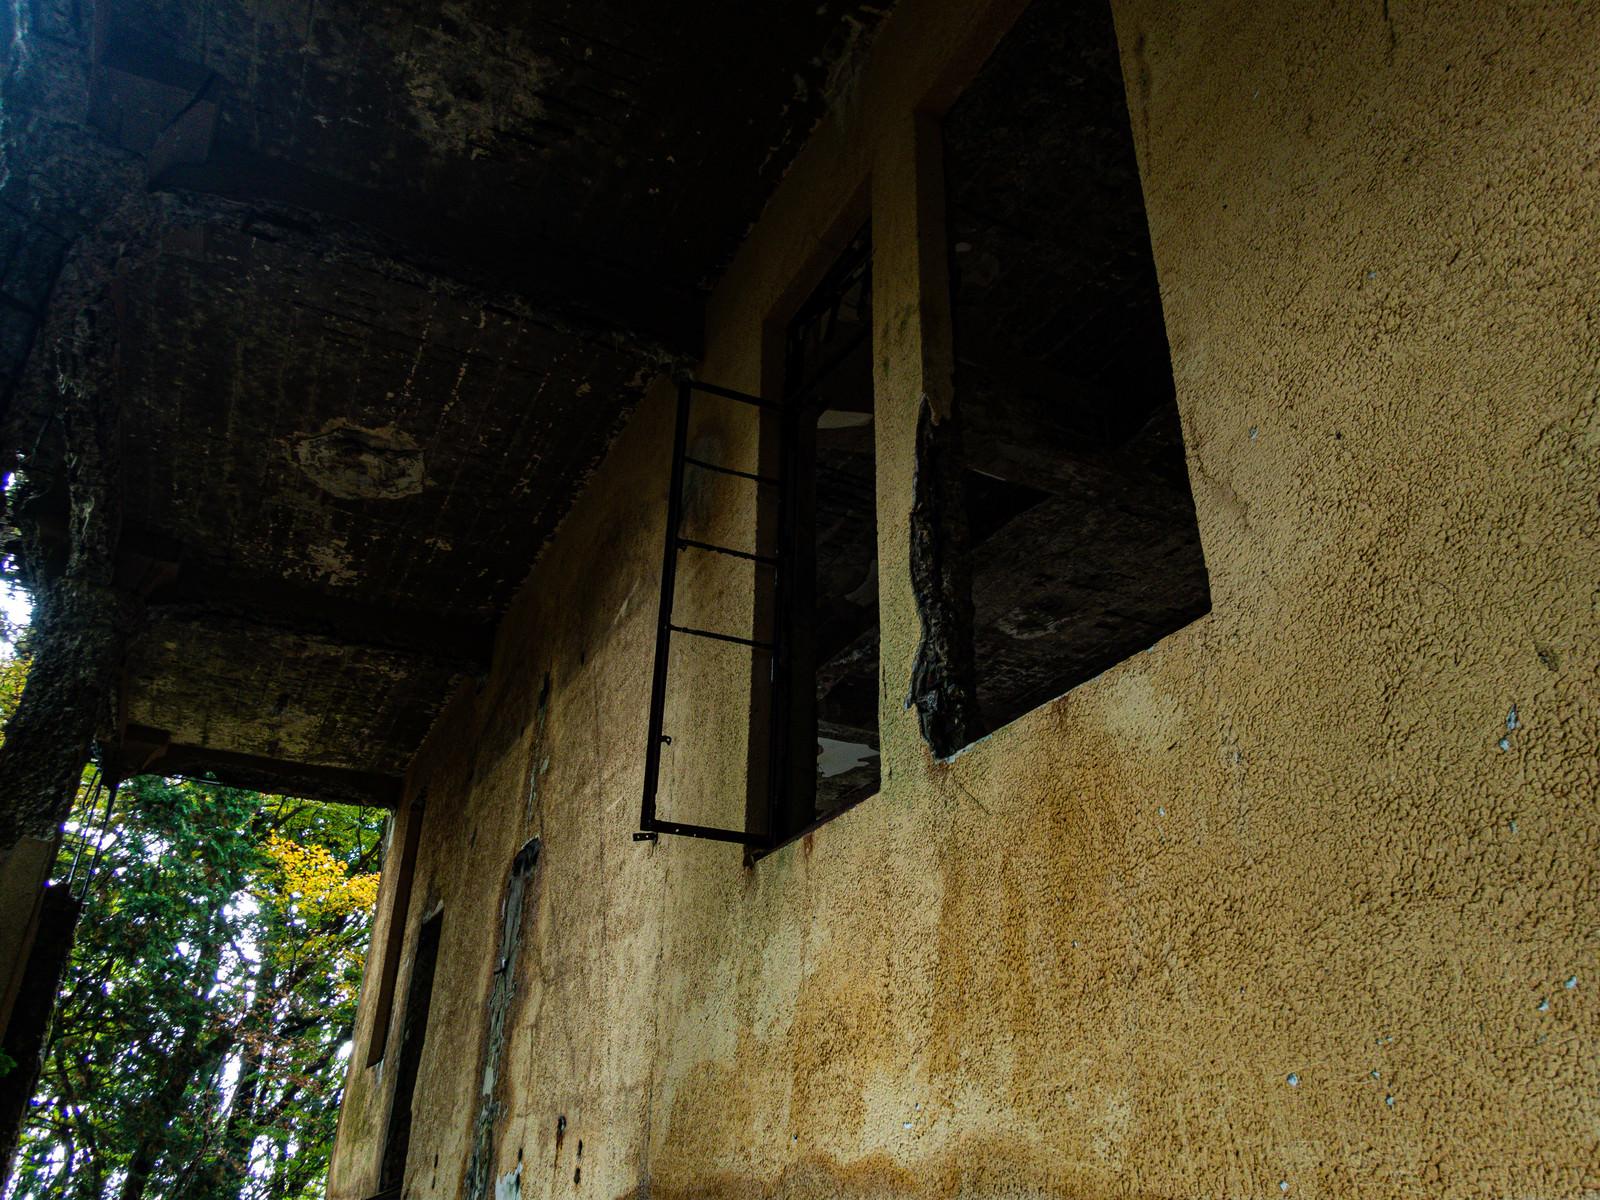 「剥き出しの天井と壁(愛宕山ケーブルカー駅舎跡)」の写真